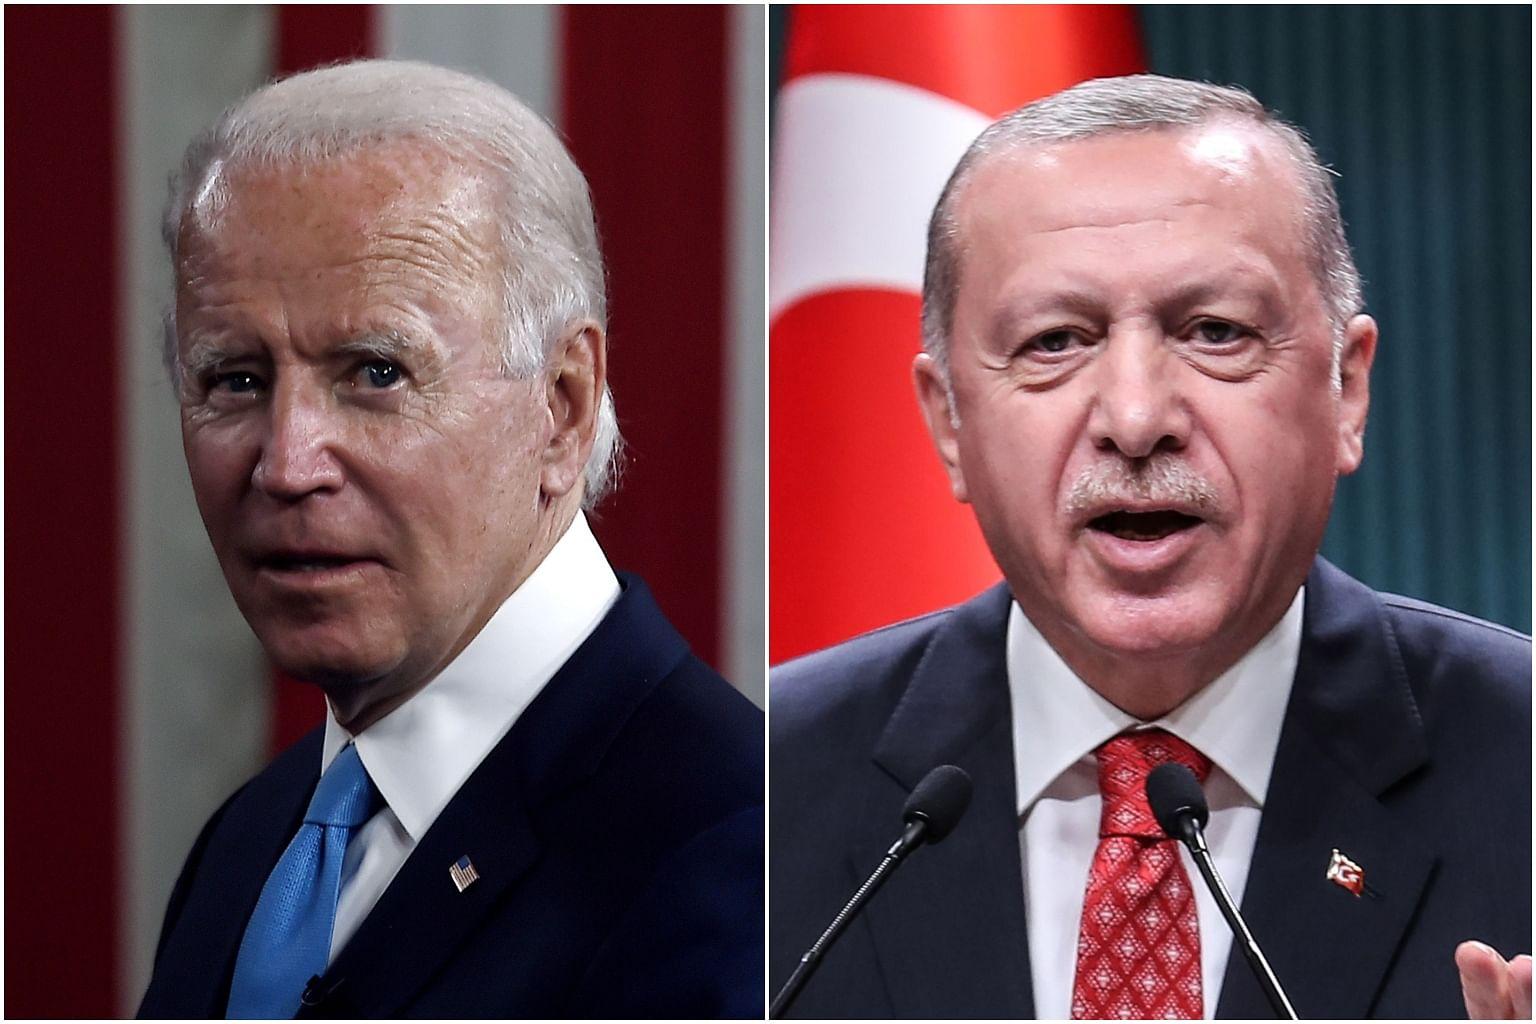 NATO-AB LİDERLER ZİRVESİ VE BİDEN-ERDOĞAN GÖRÜŞMESİ